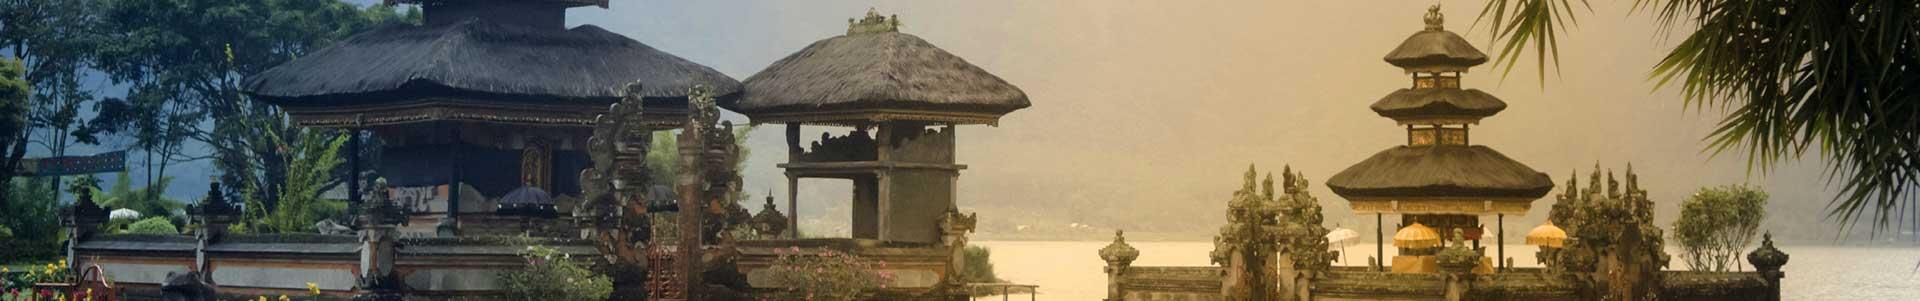 Voyage en Indonésie - TUI